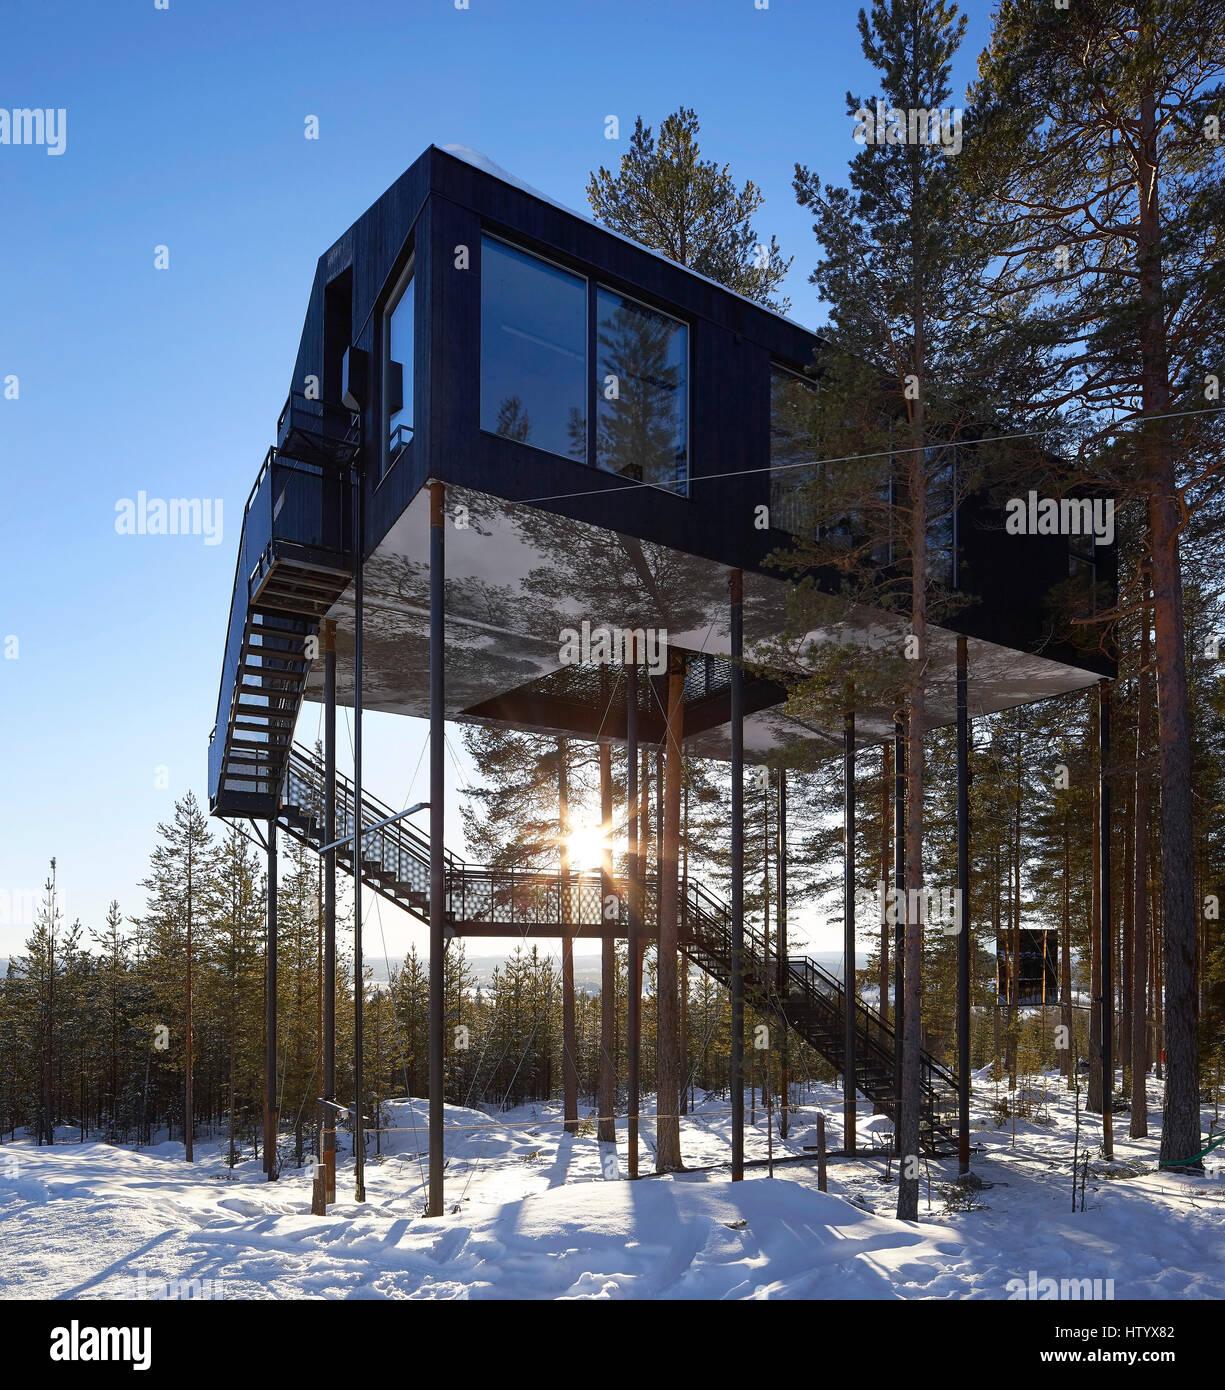 Das 7 Zimmer das 7 zimmer treehotel harads schweden architekt verschiedene